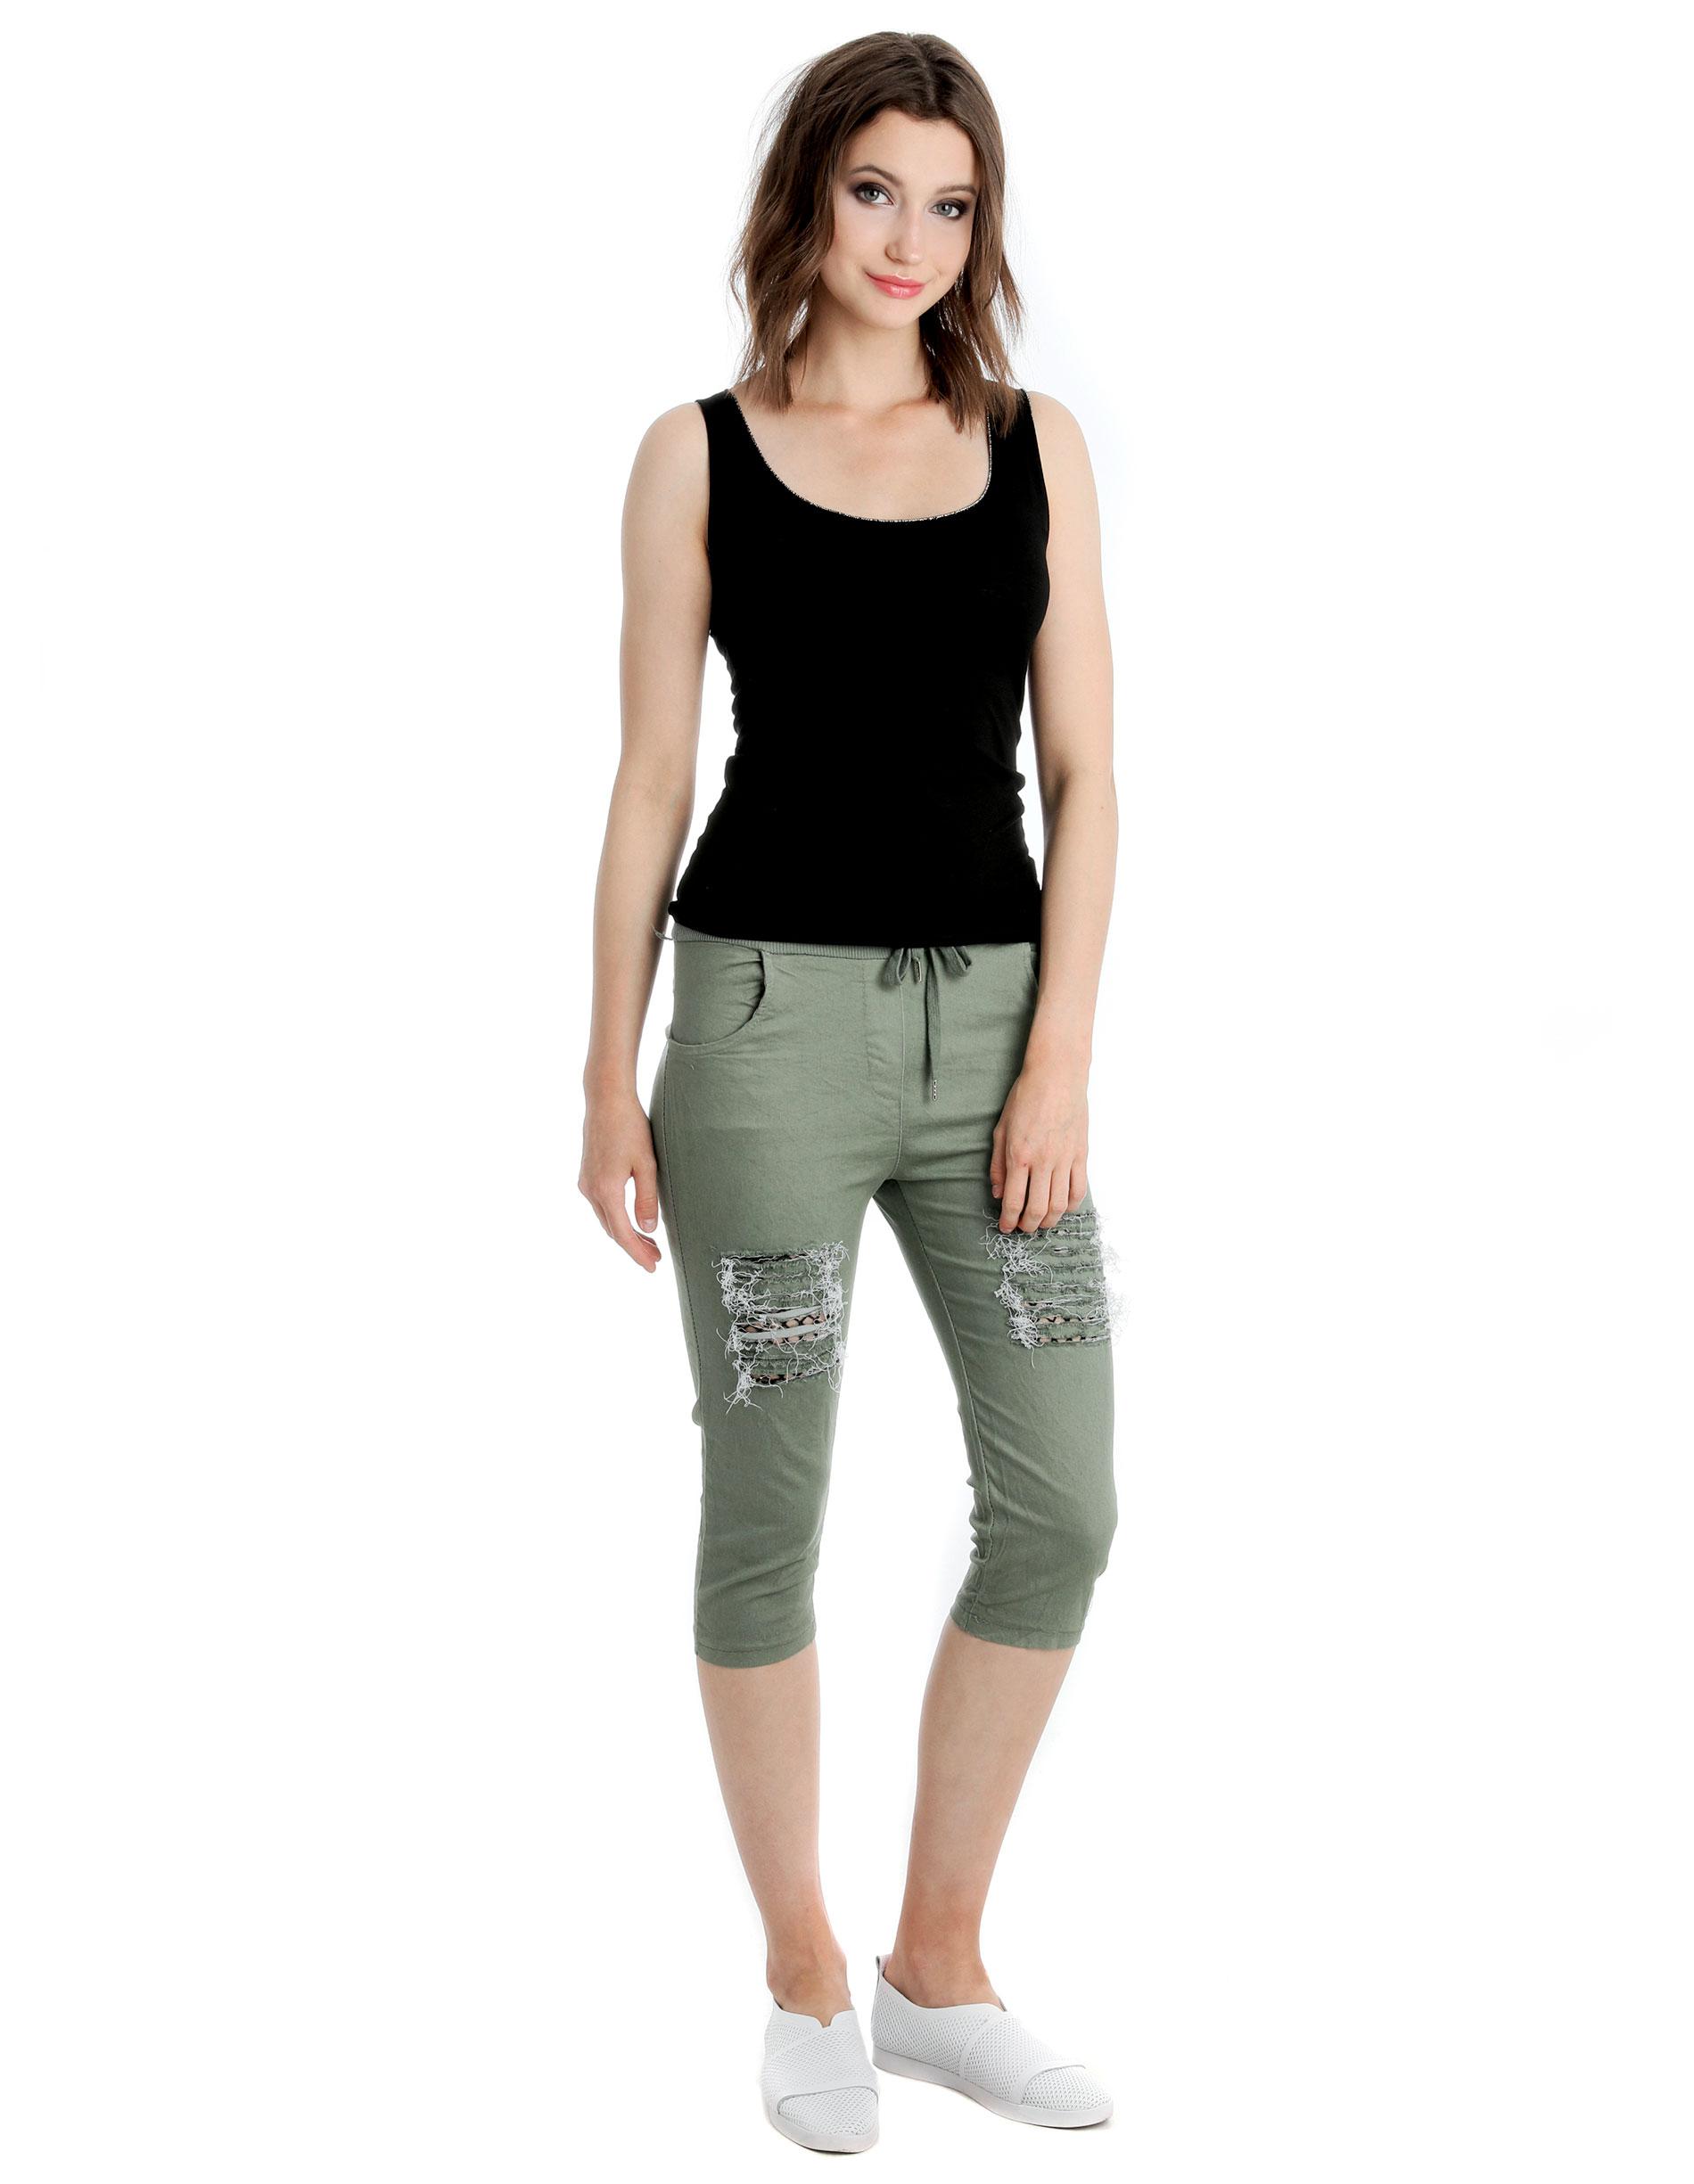 Spodnie - 21-2039 MILIT - Unisono